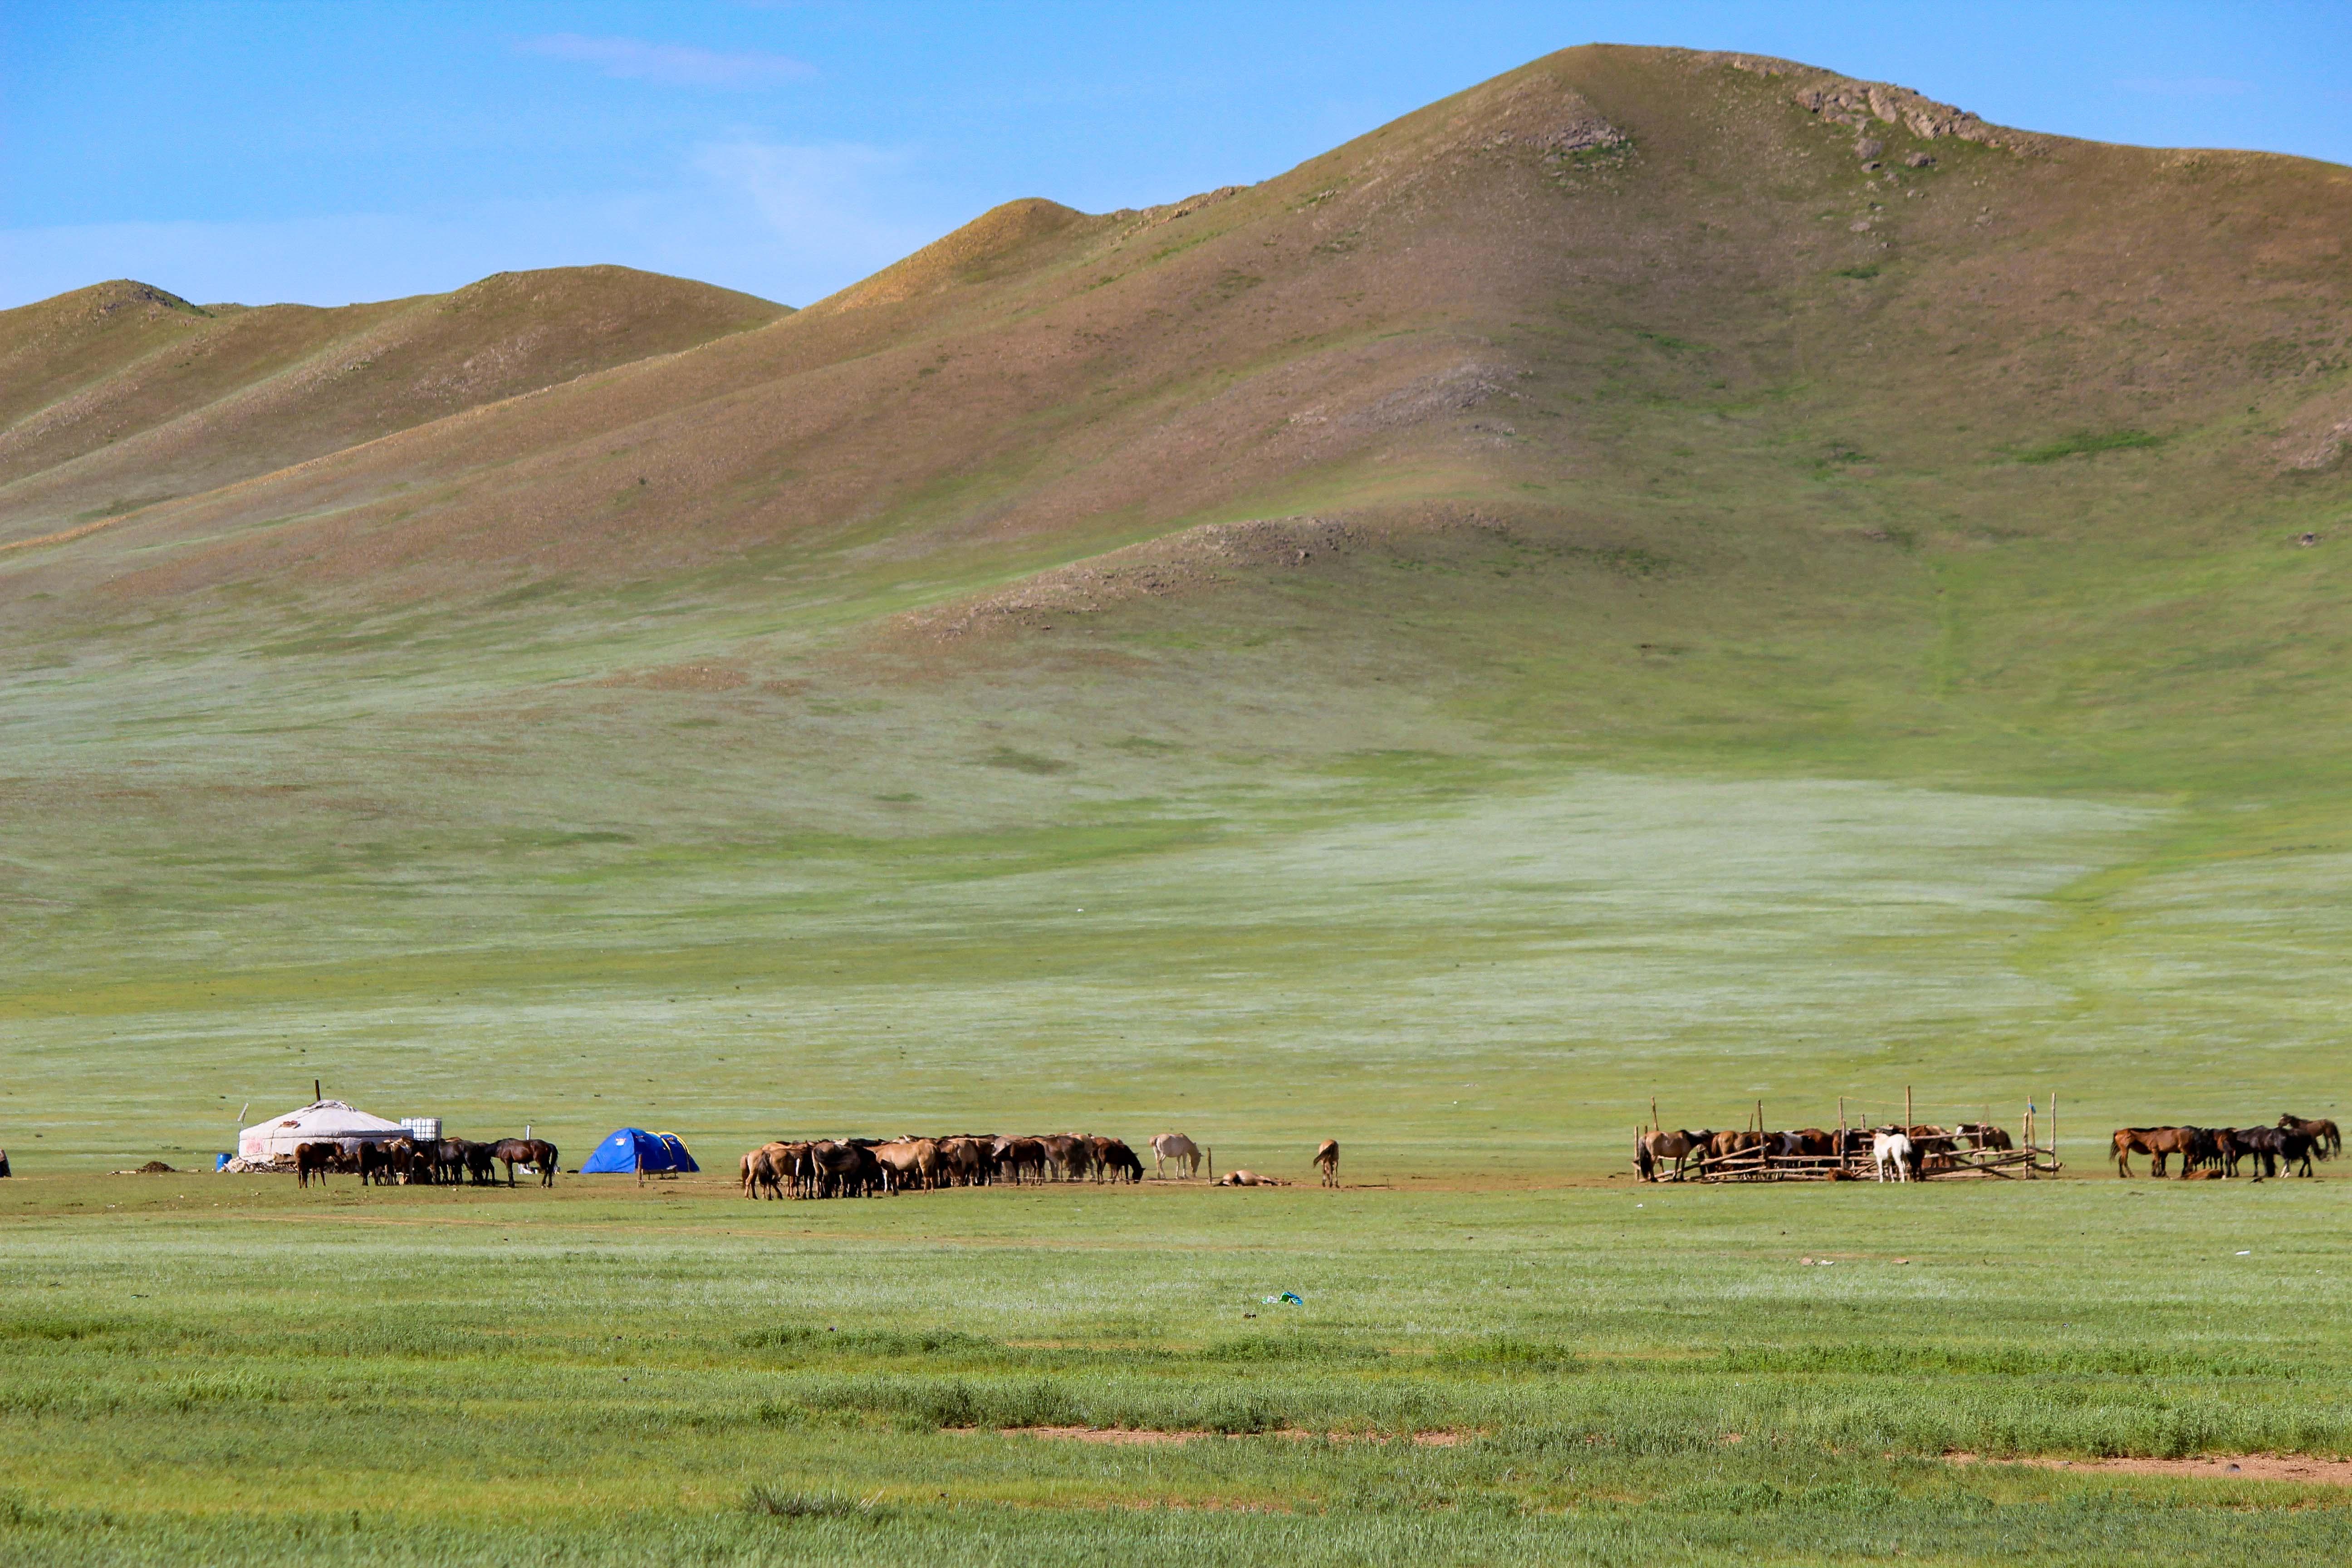 果てしなく広がる草原で遊牧生活を送る